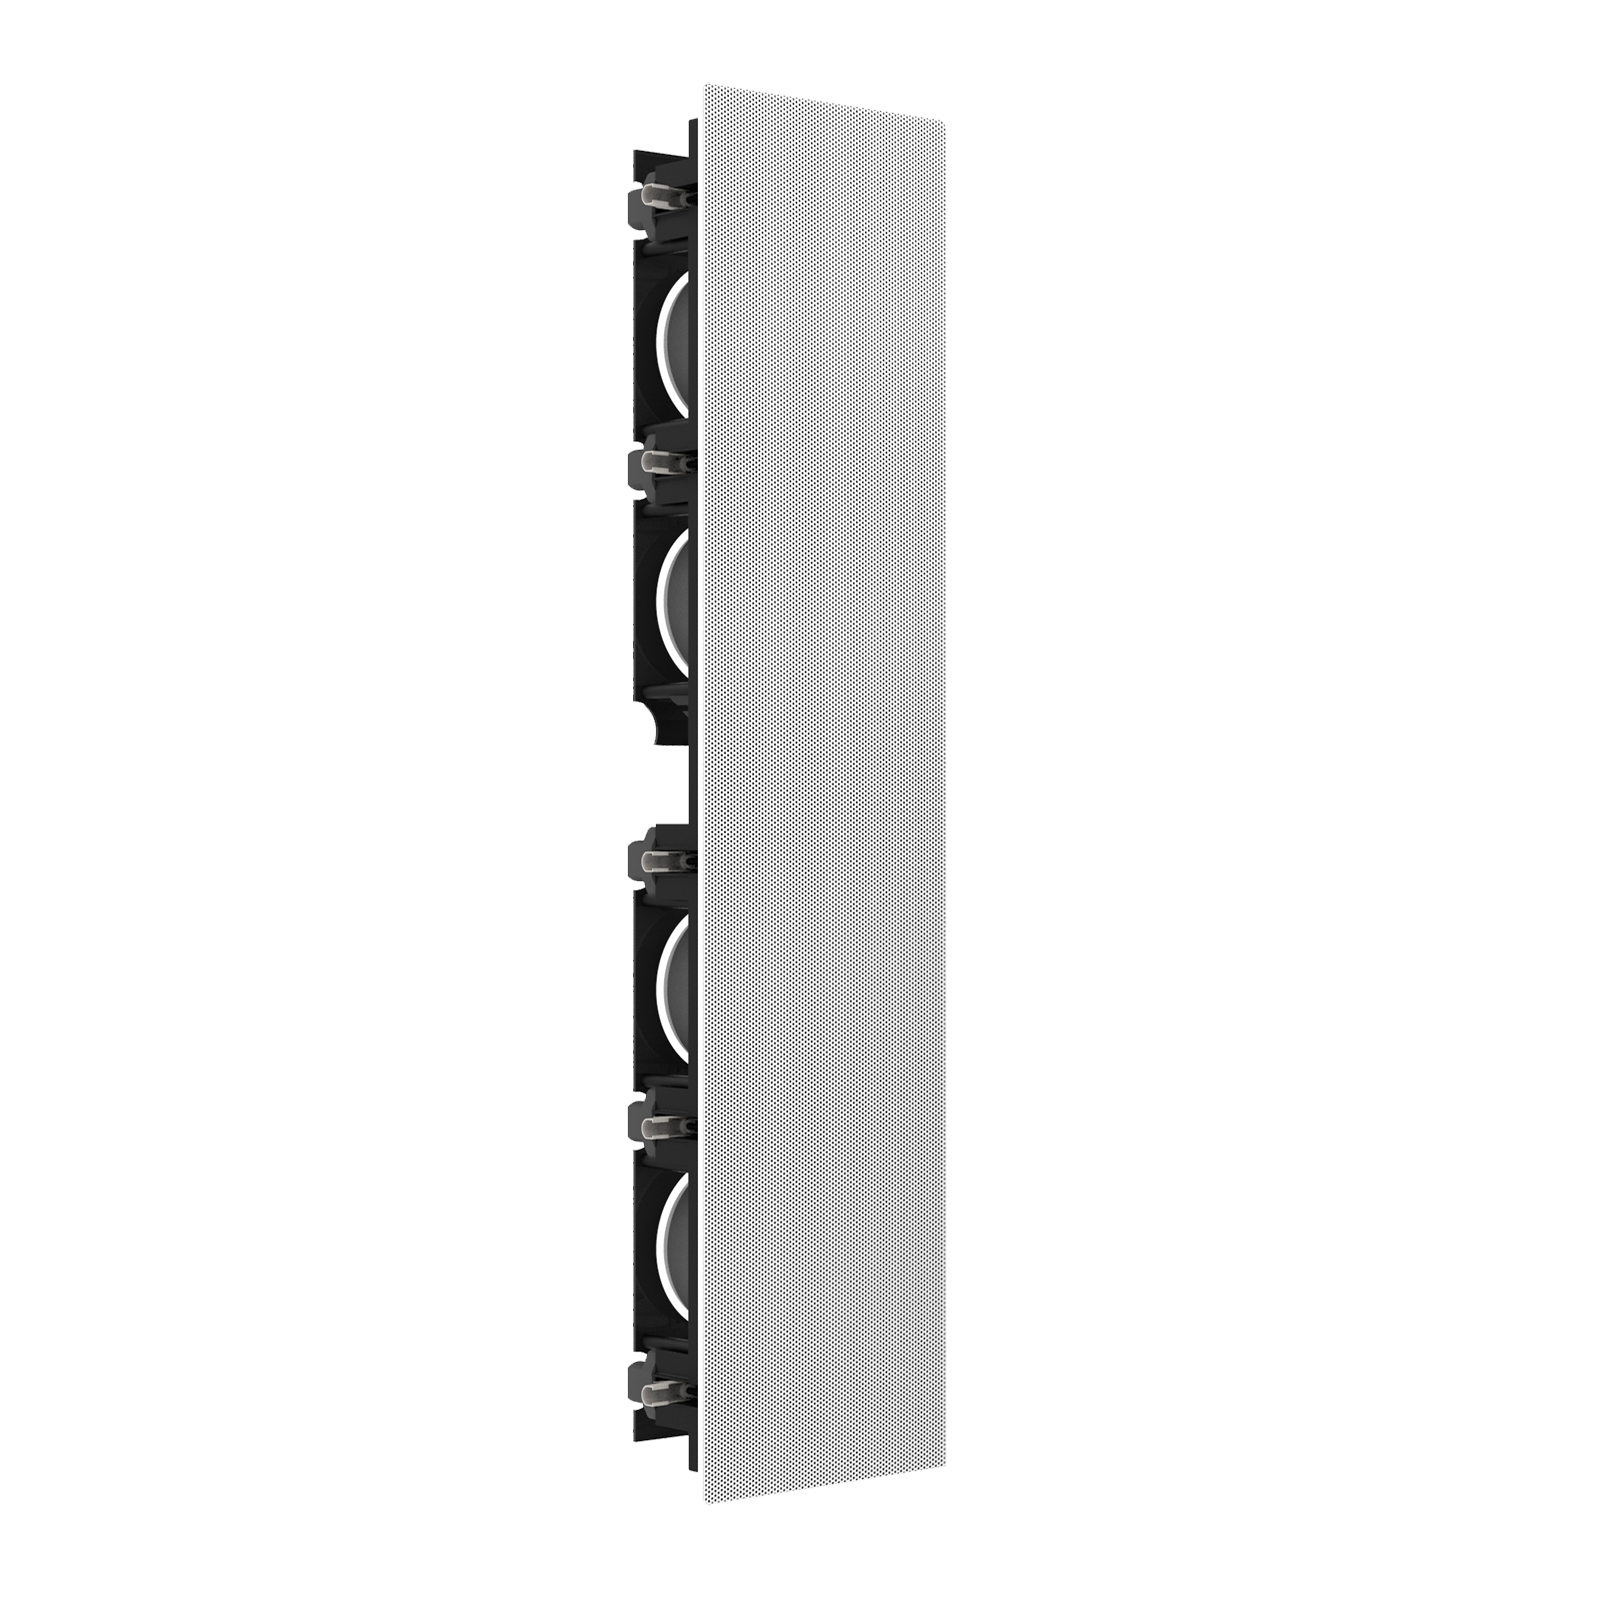 SCL-6 - Black - 2.5-Way Quadruple 5.25-inch (130mm) In-Wall Loudspeaker - Detailshot 4